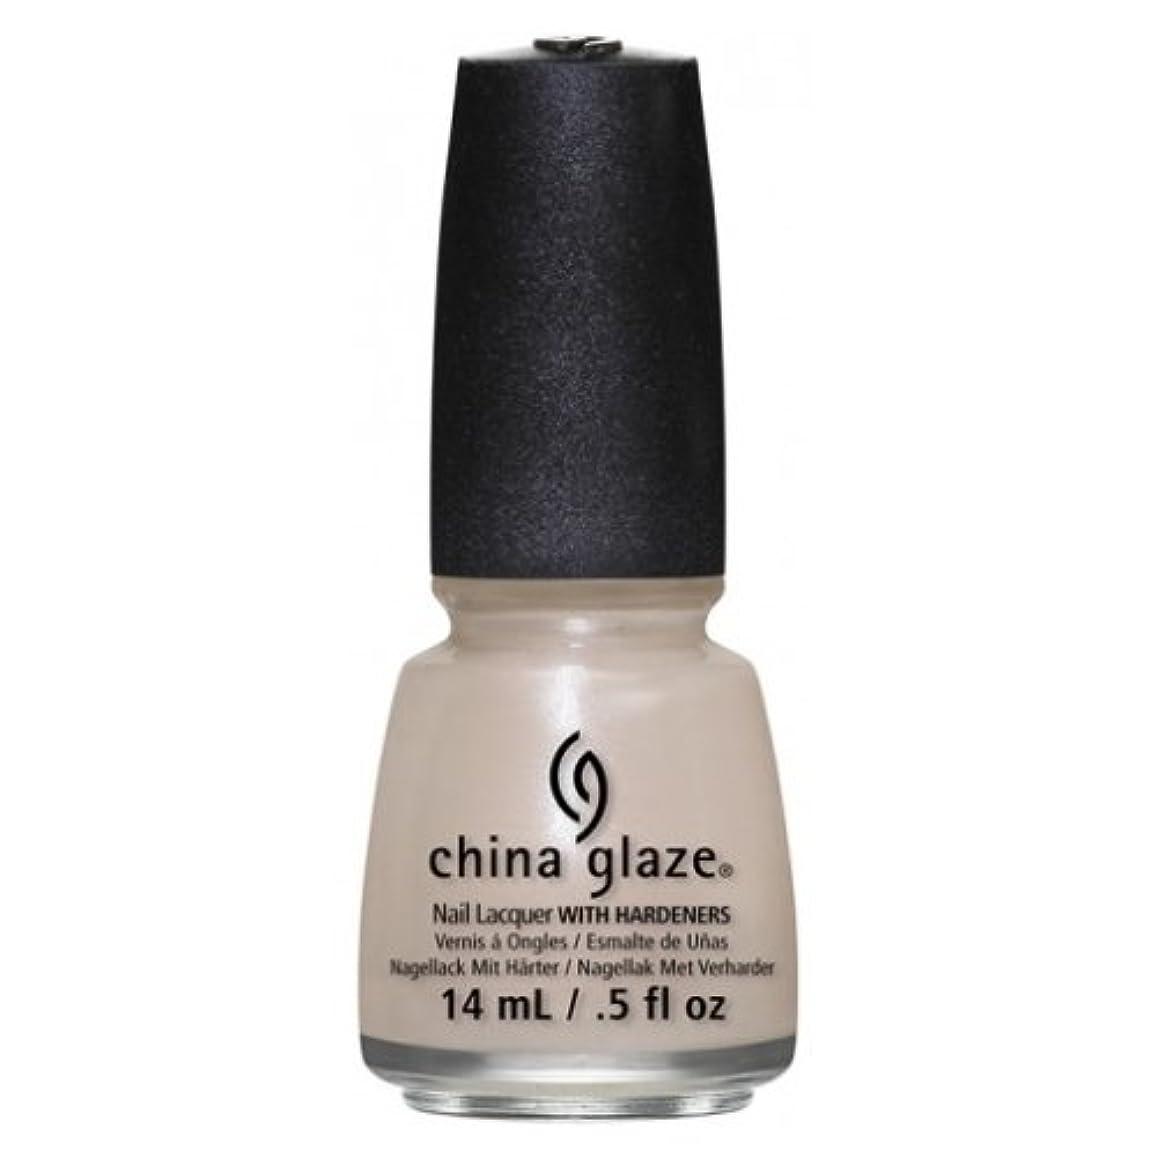 プレフィックススワップ成功する(3 Pack) CHINA GLAZE Nail Lacquer - Art City Flourish - Don't Honk Your Thorn (並行輸入品)